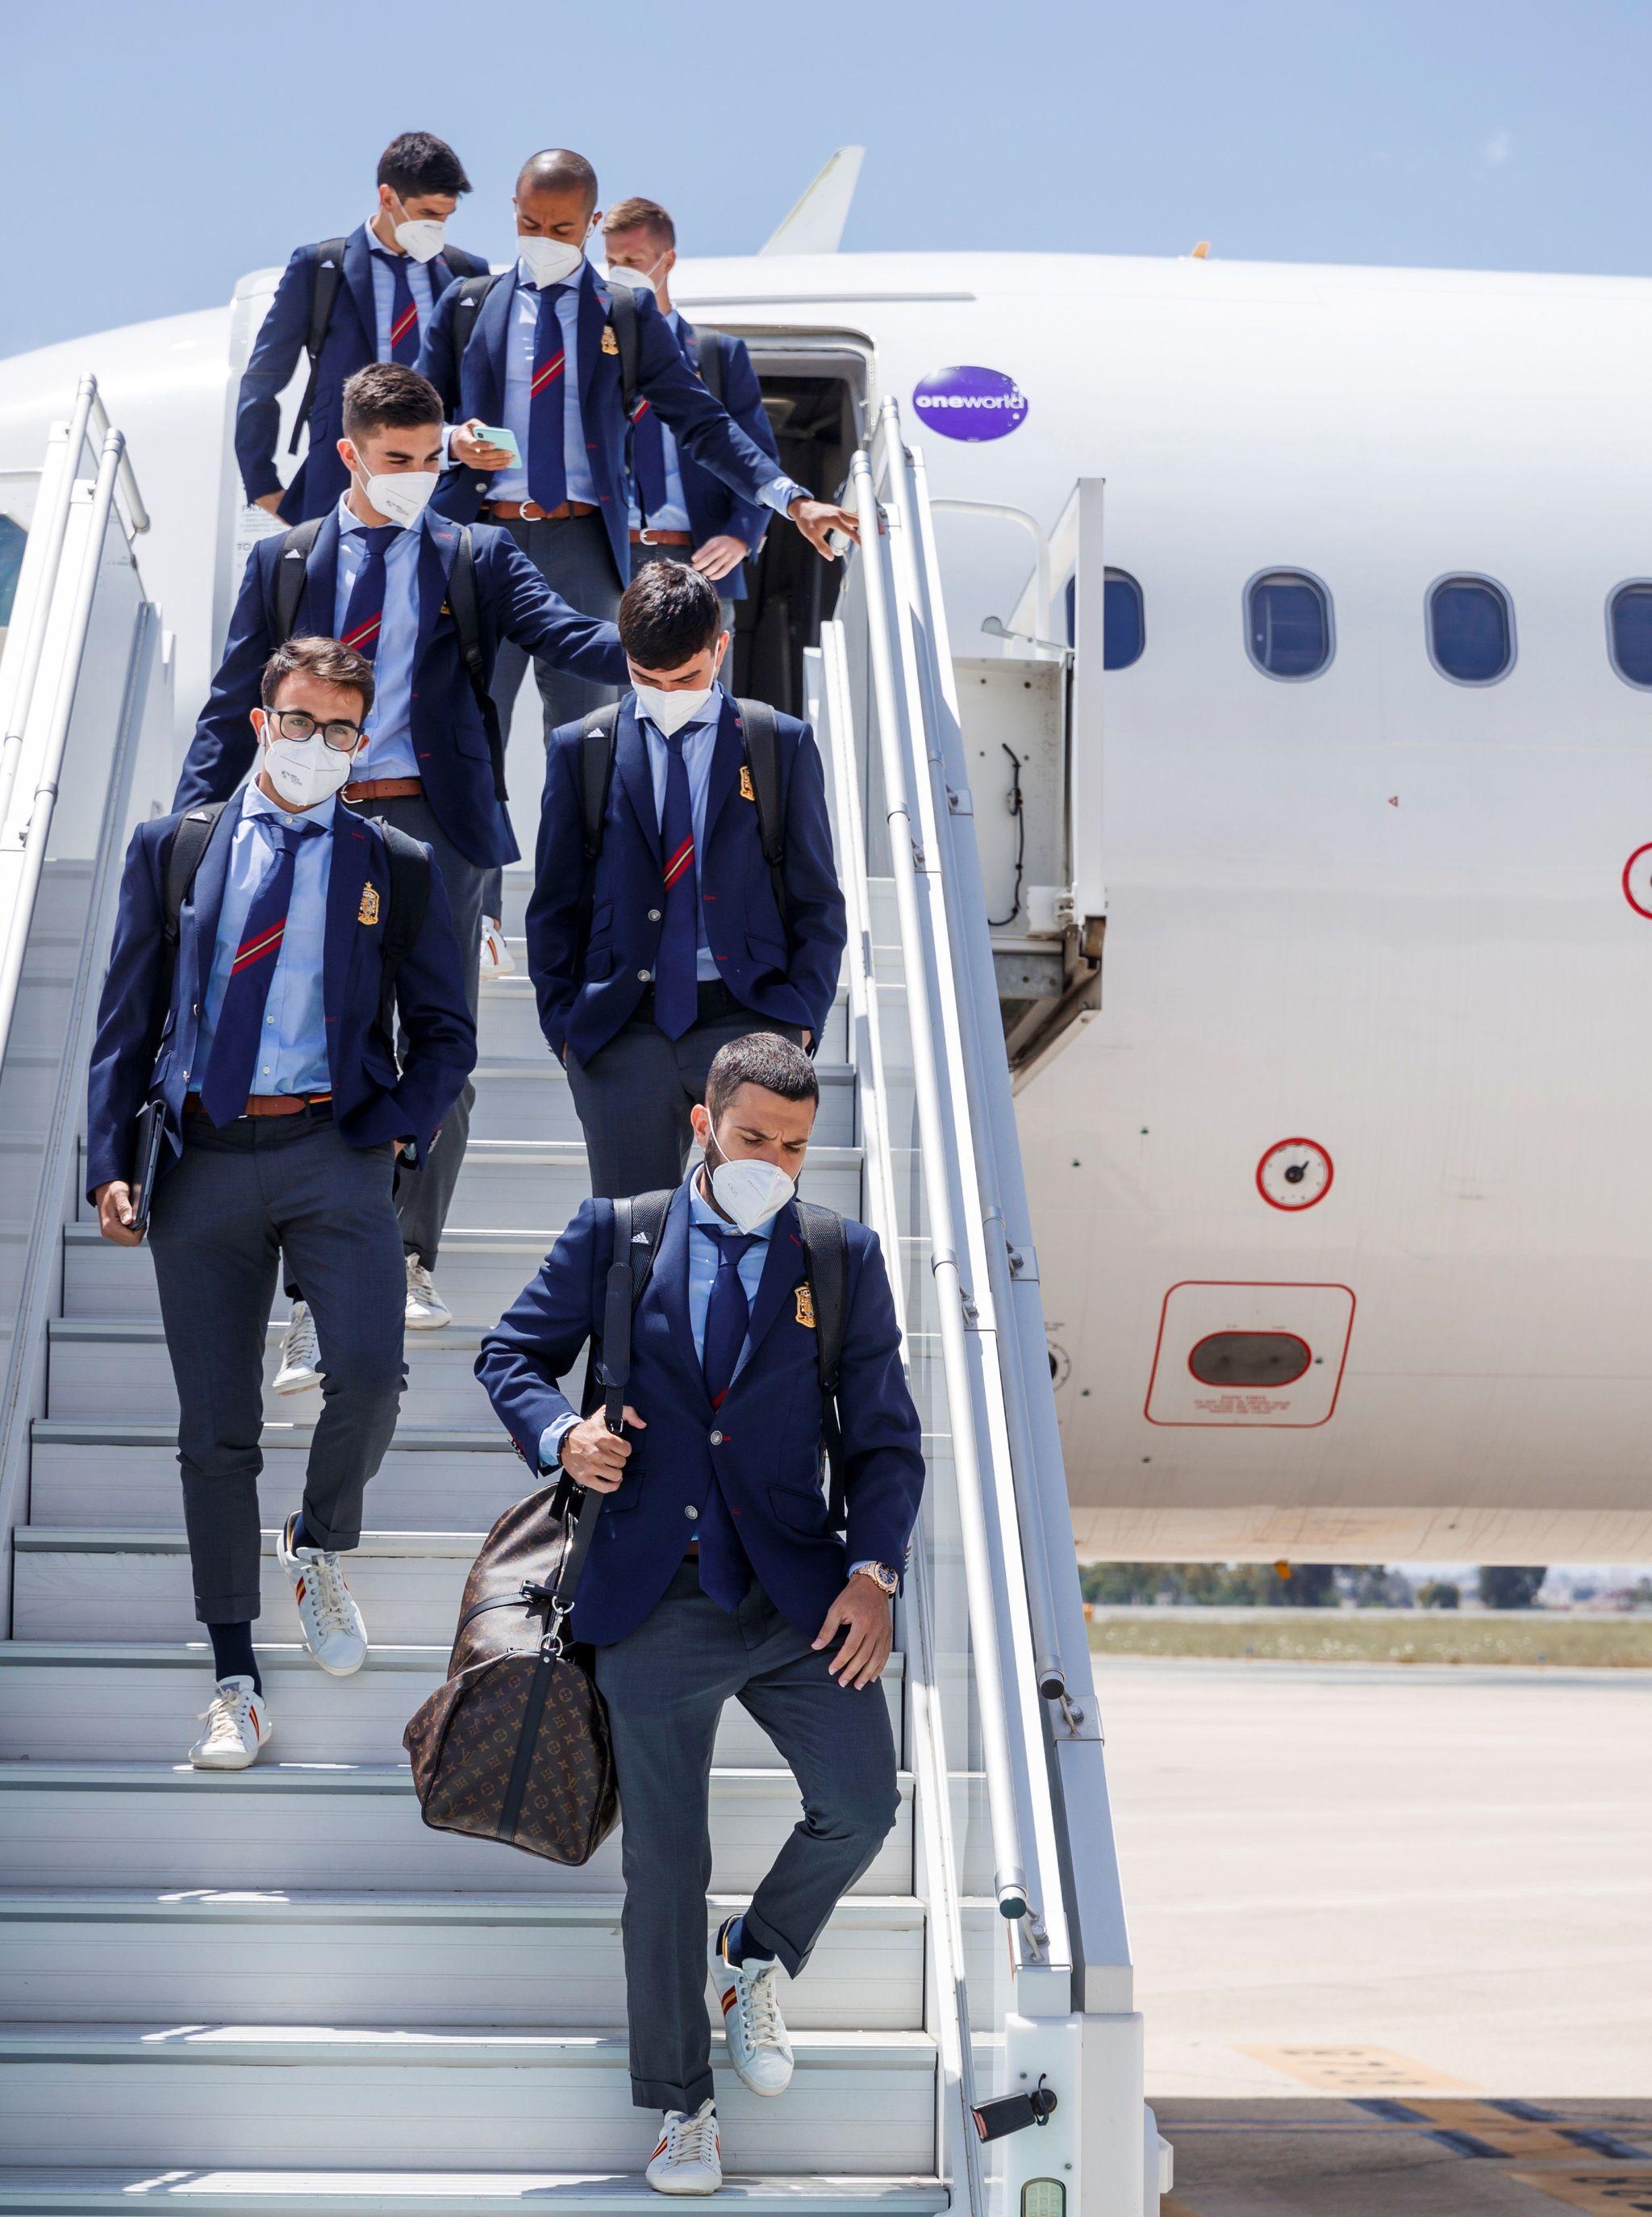 Alba y sus compañero, a su llegada a Sevilla.